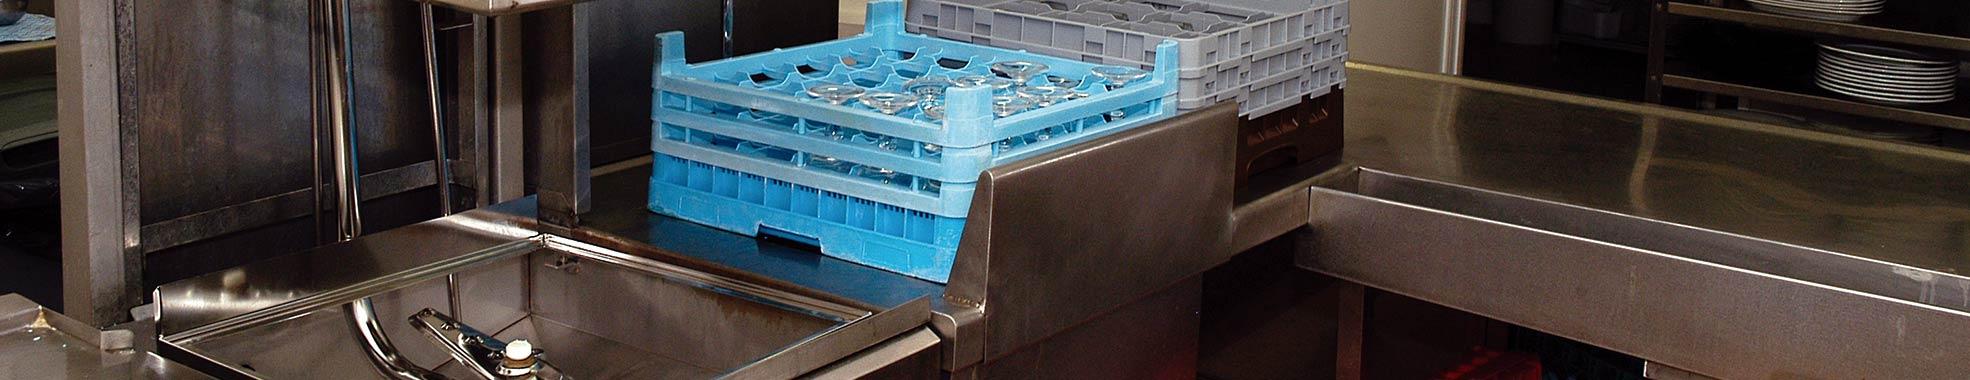 Imagen de instalación y mantenimiento de equipos de lavado industrial con Tecnobar